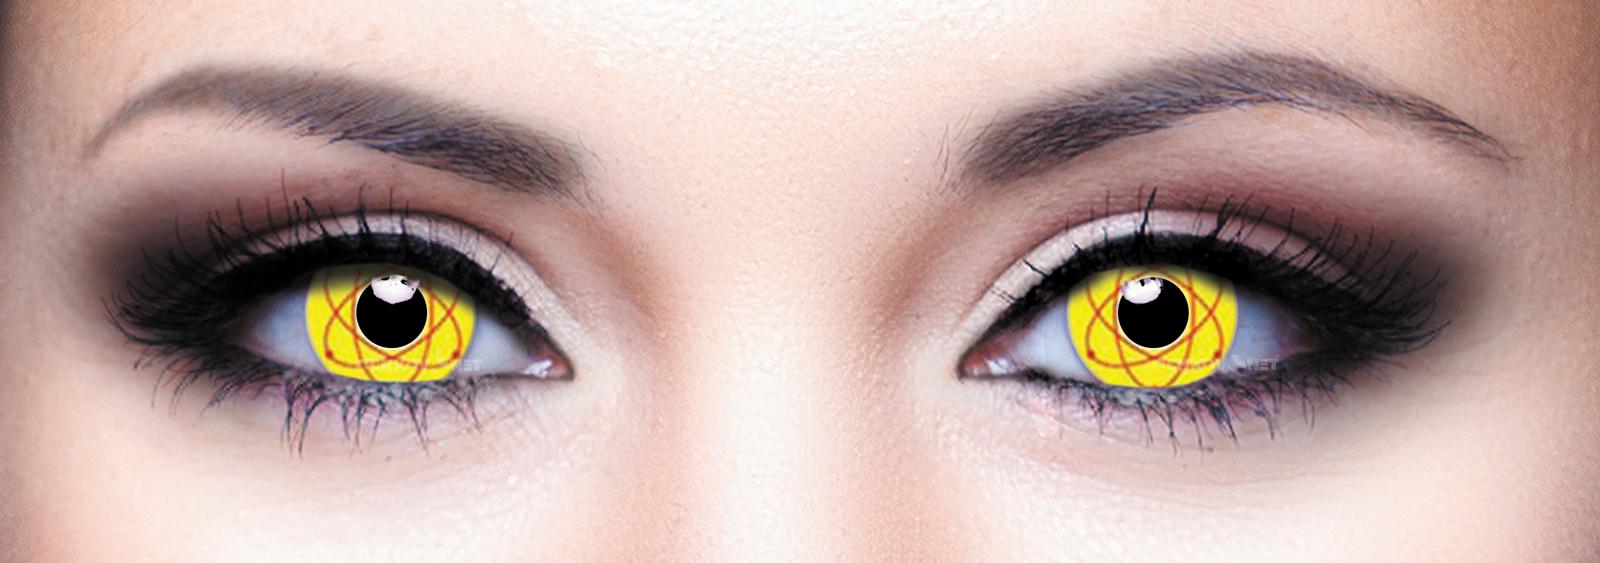 Контактные линзы Eye Free Colors 045 Желтый атом 2 линзы